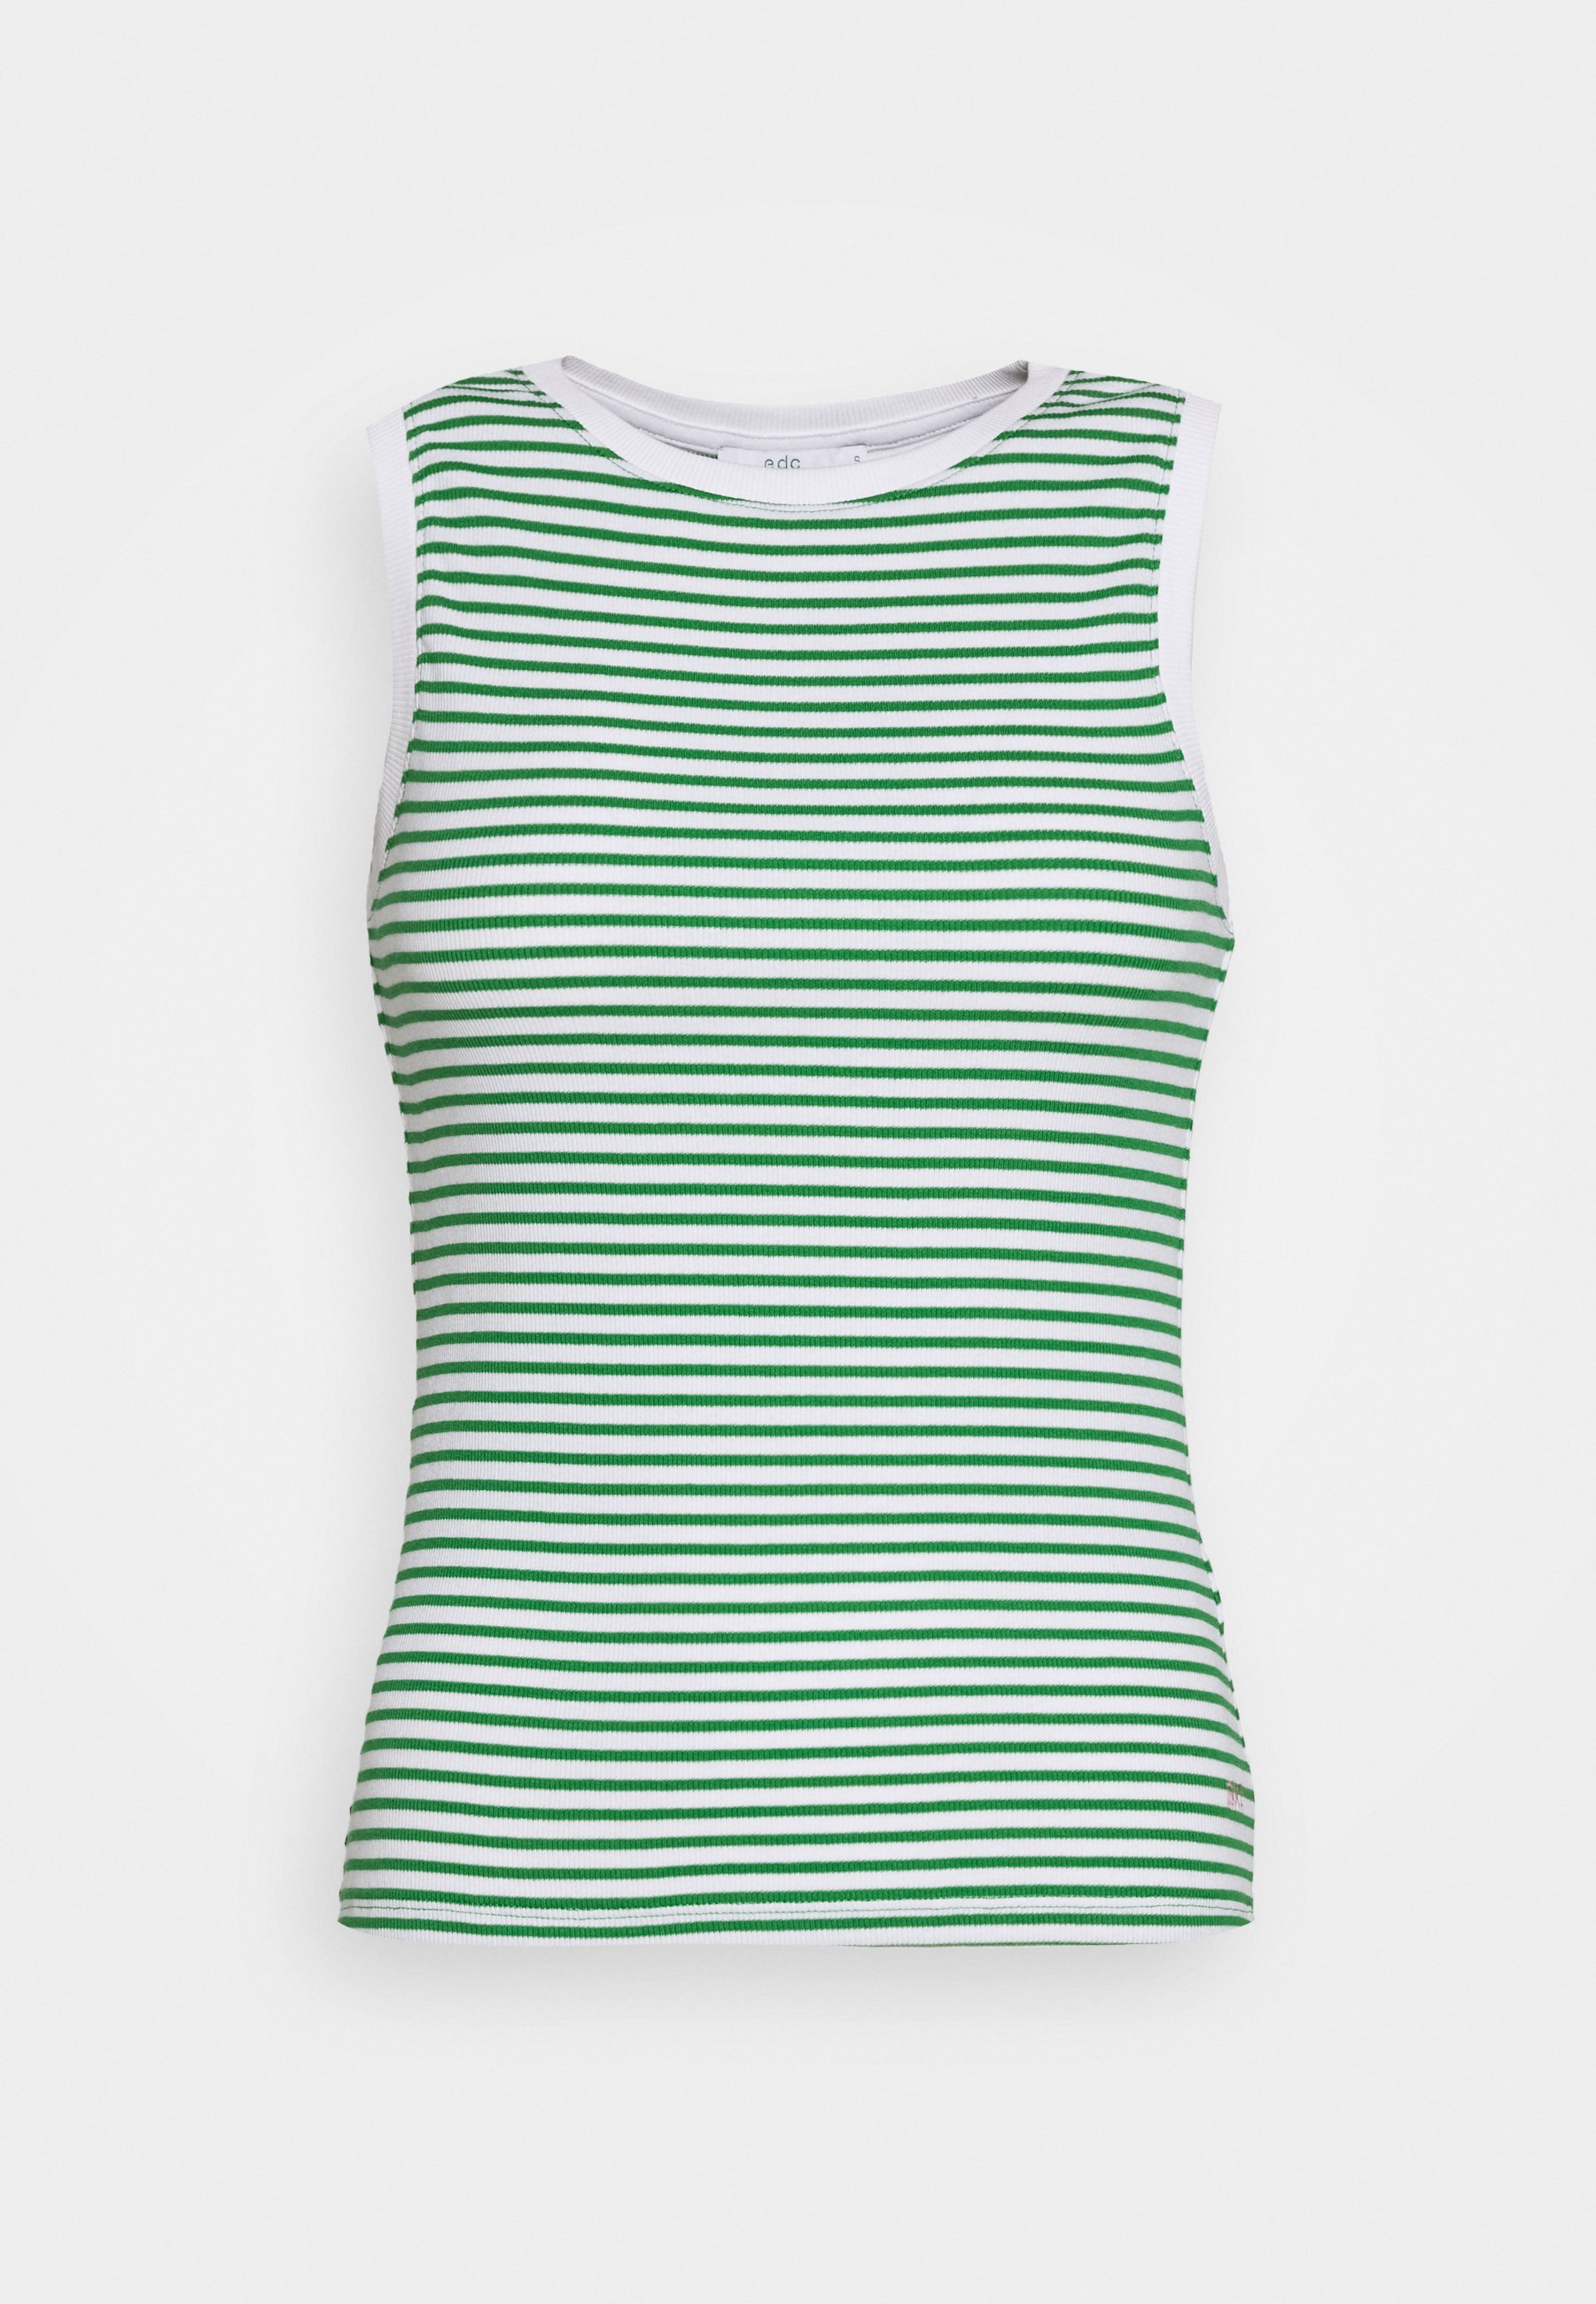 Edc By Esprit Stripe Tank - Topper Green/grønn